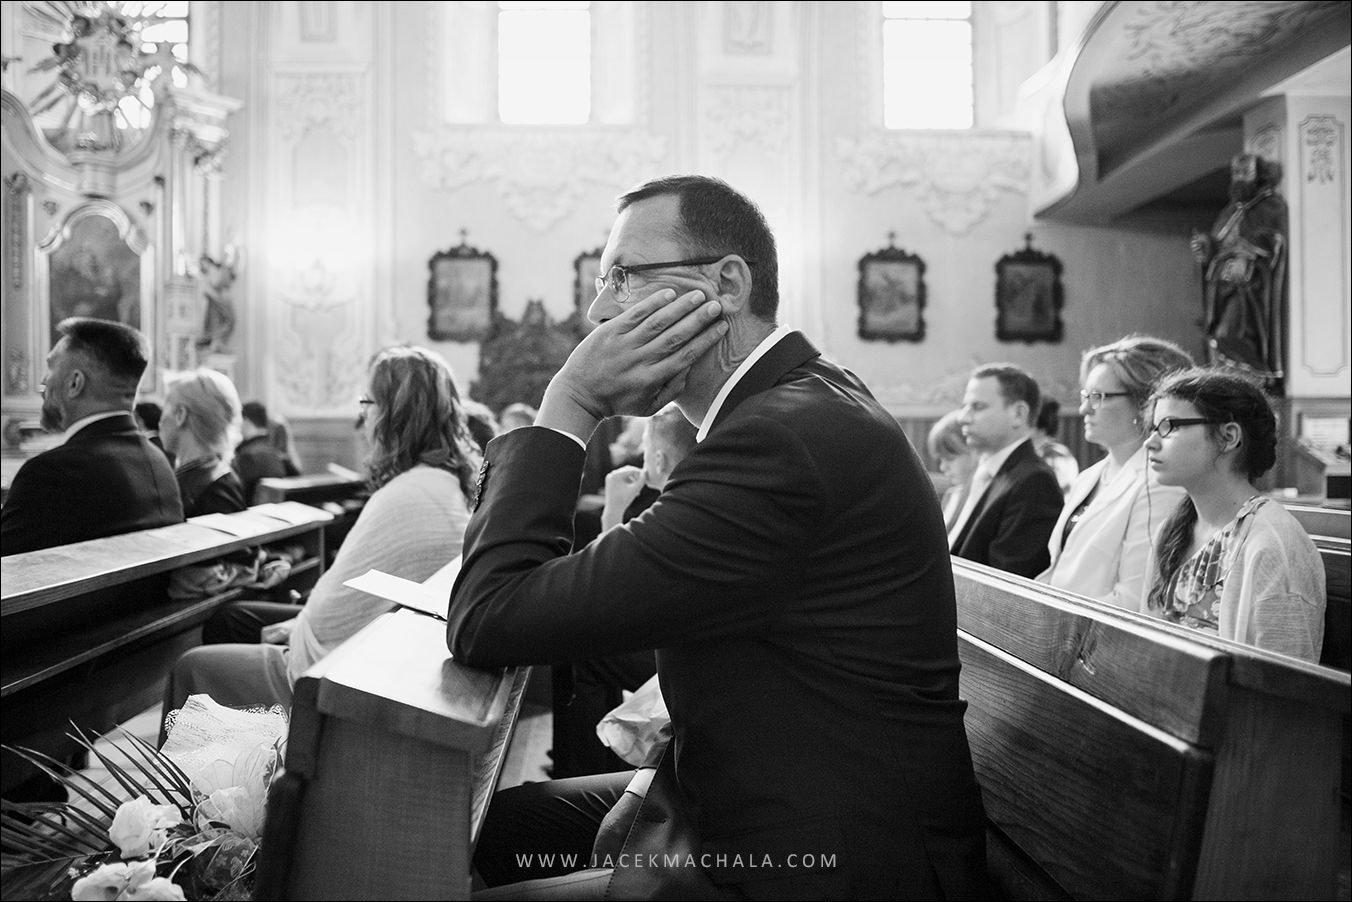 slask fotograf bielsko biala diana i dawid 22 - Hotel Ostaniec - DIANA & DAWID